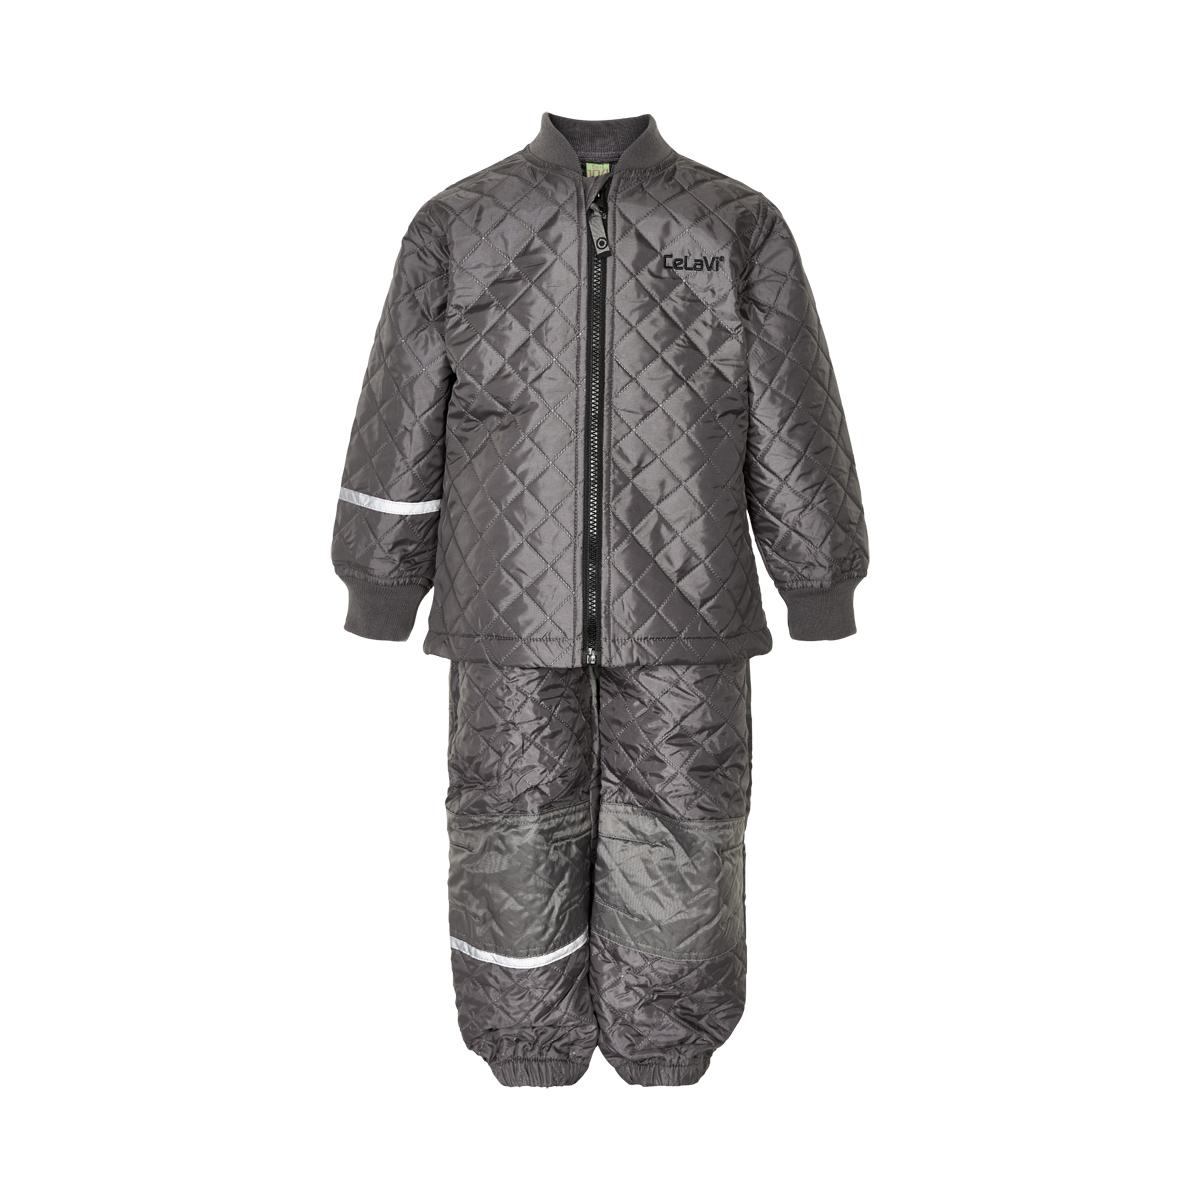 CeLaVi dětský termo oblek 3555-174